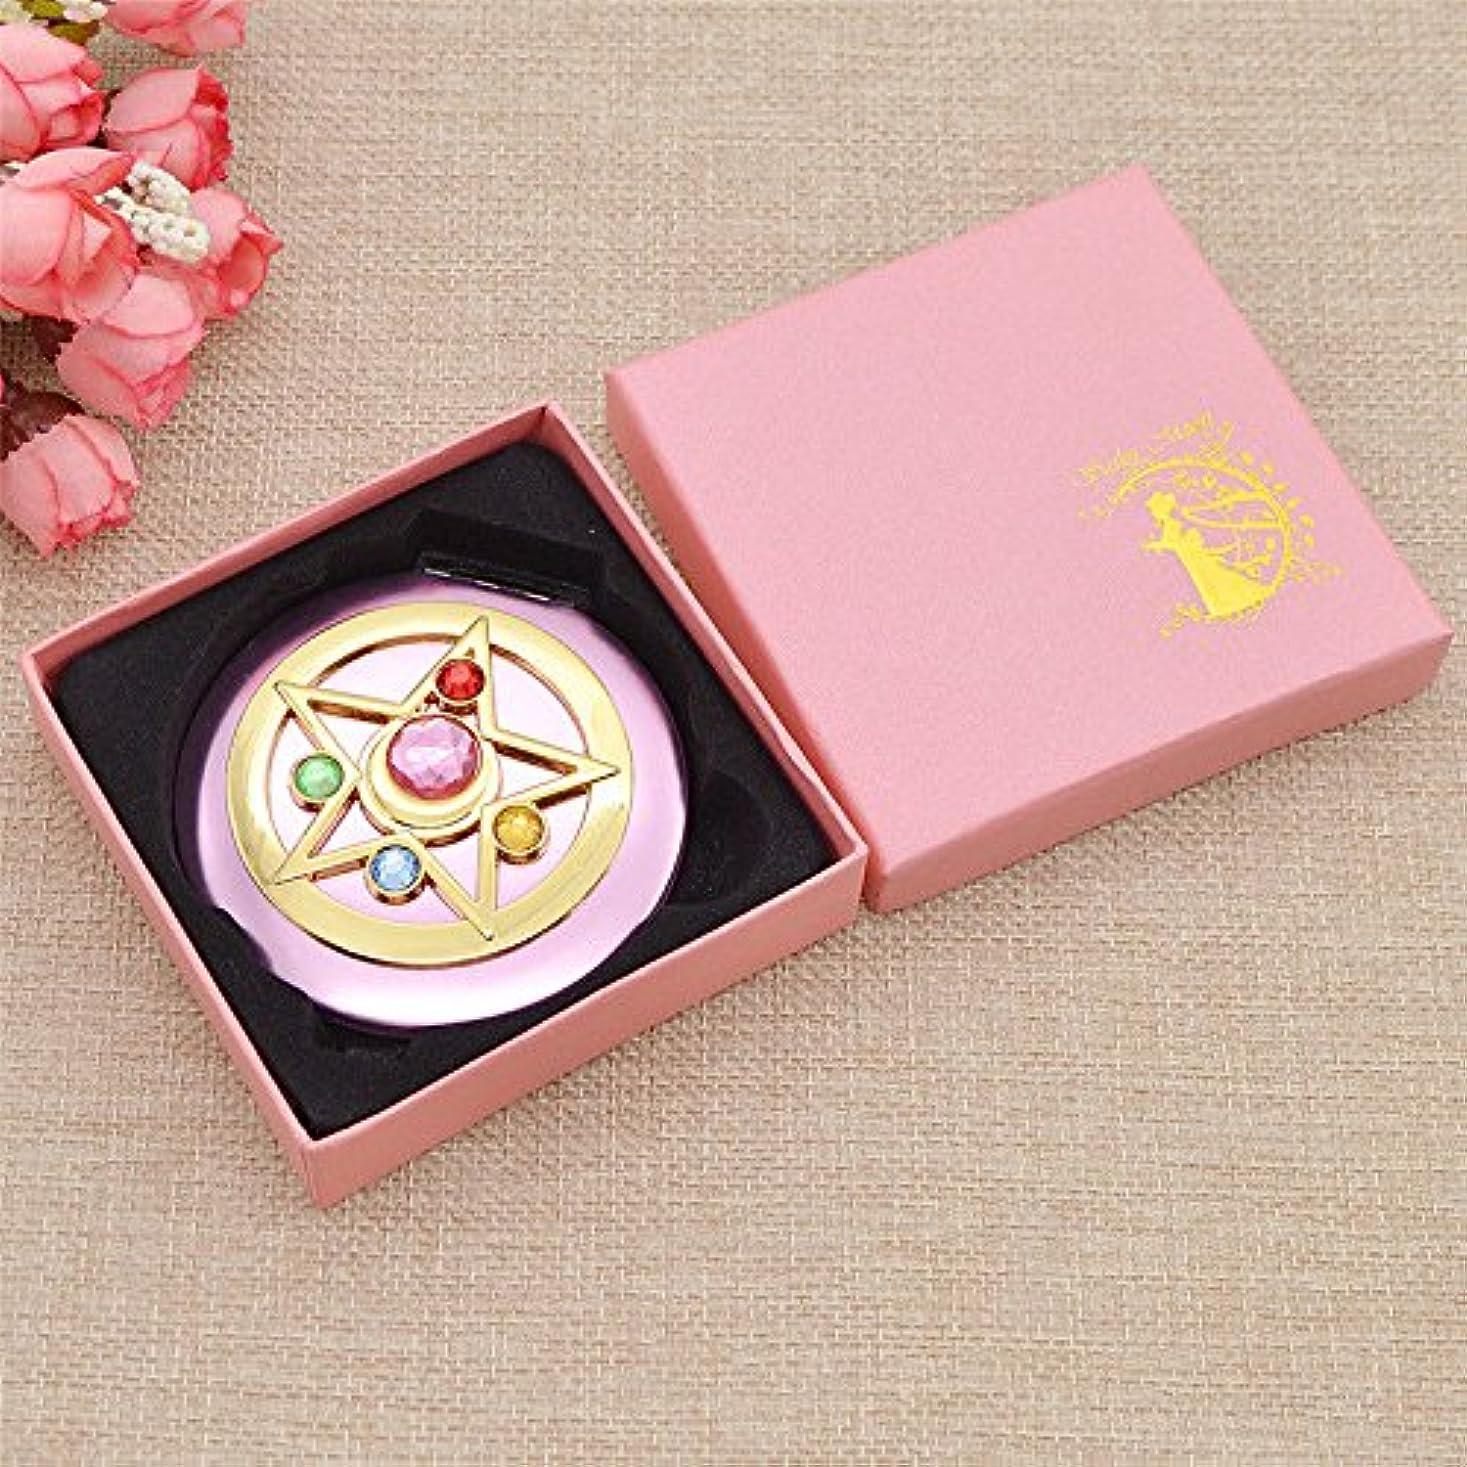 排他的体操八百屋さんSailorMoon/SailorMooncrystal/MakeupMirror/Mirror/セーラームーン/セーラームーンクリスタル/メイクミラー/ミラー/鏡/Mini Anime Sailor Moon Make up Cosmetic Mirror Portable for Lady Women Beauty